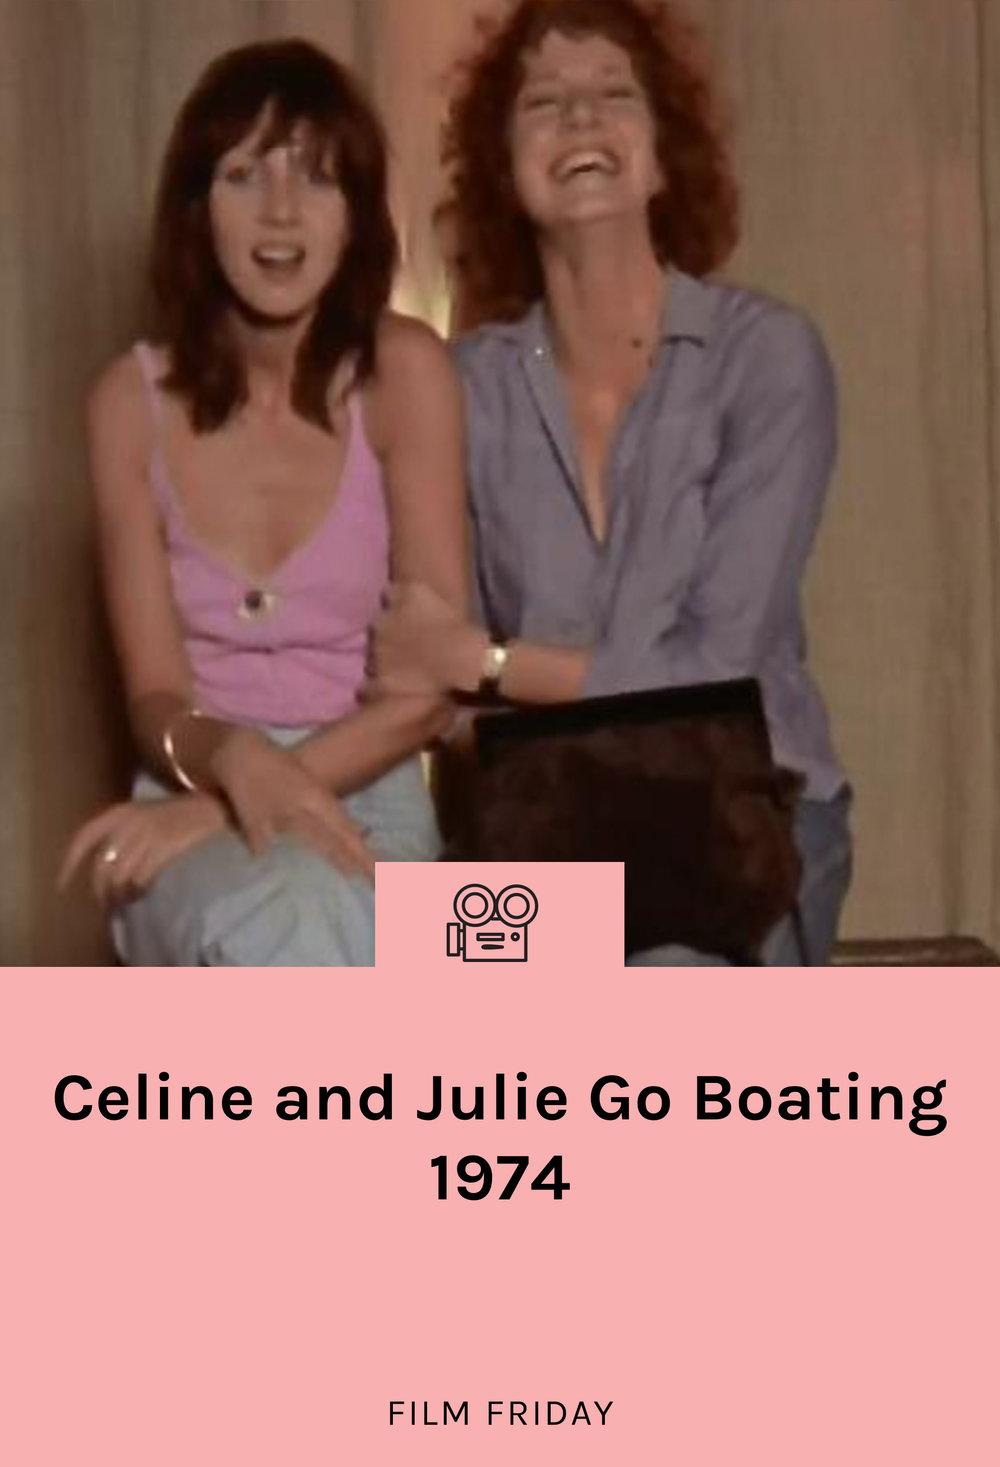 FilmFriday-BlogLanding-CelineJulieGoBoating.jpg